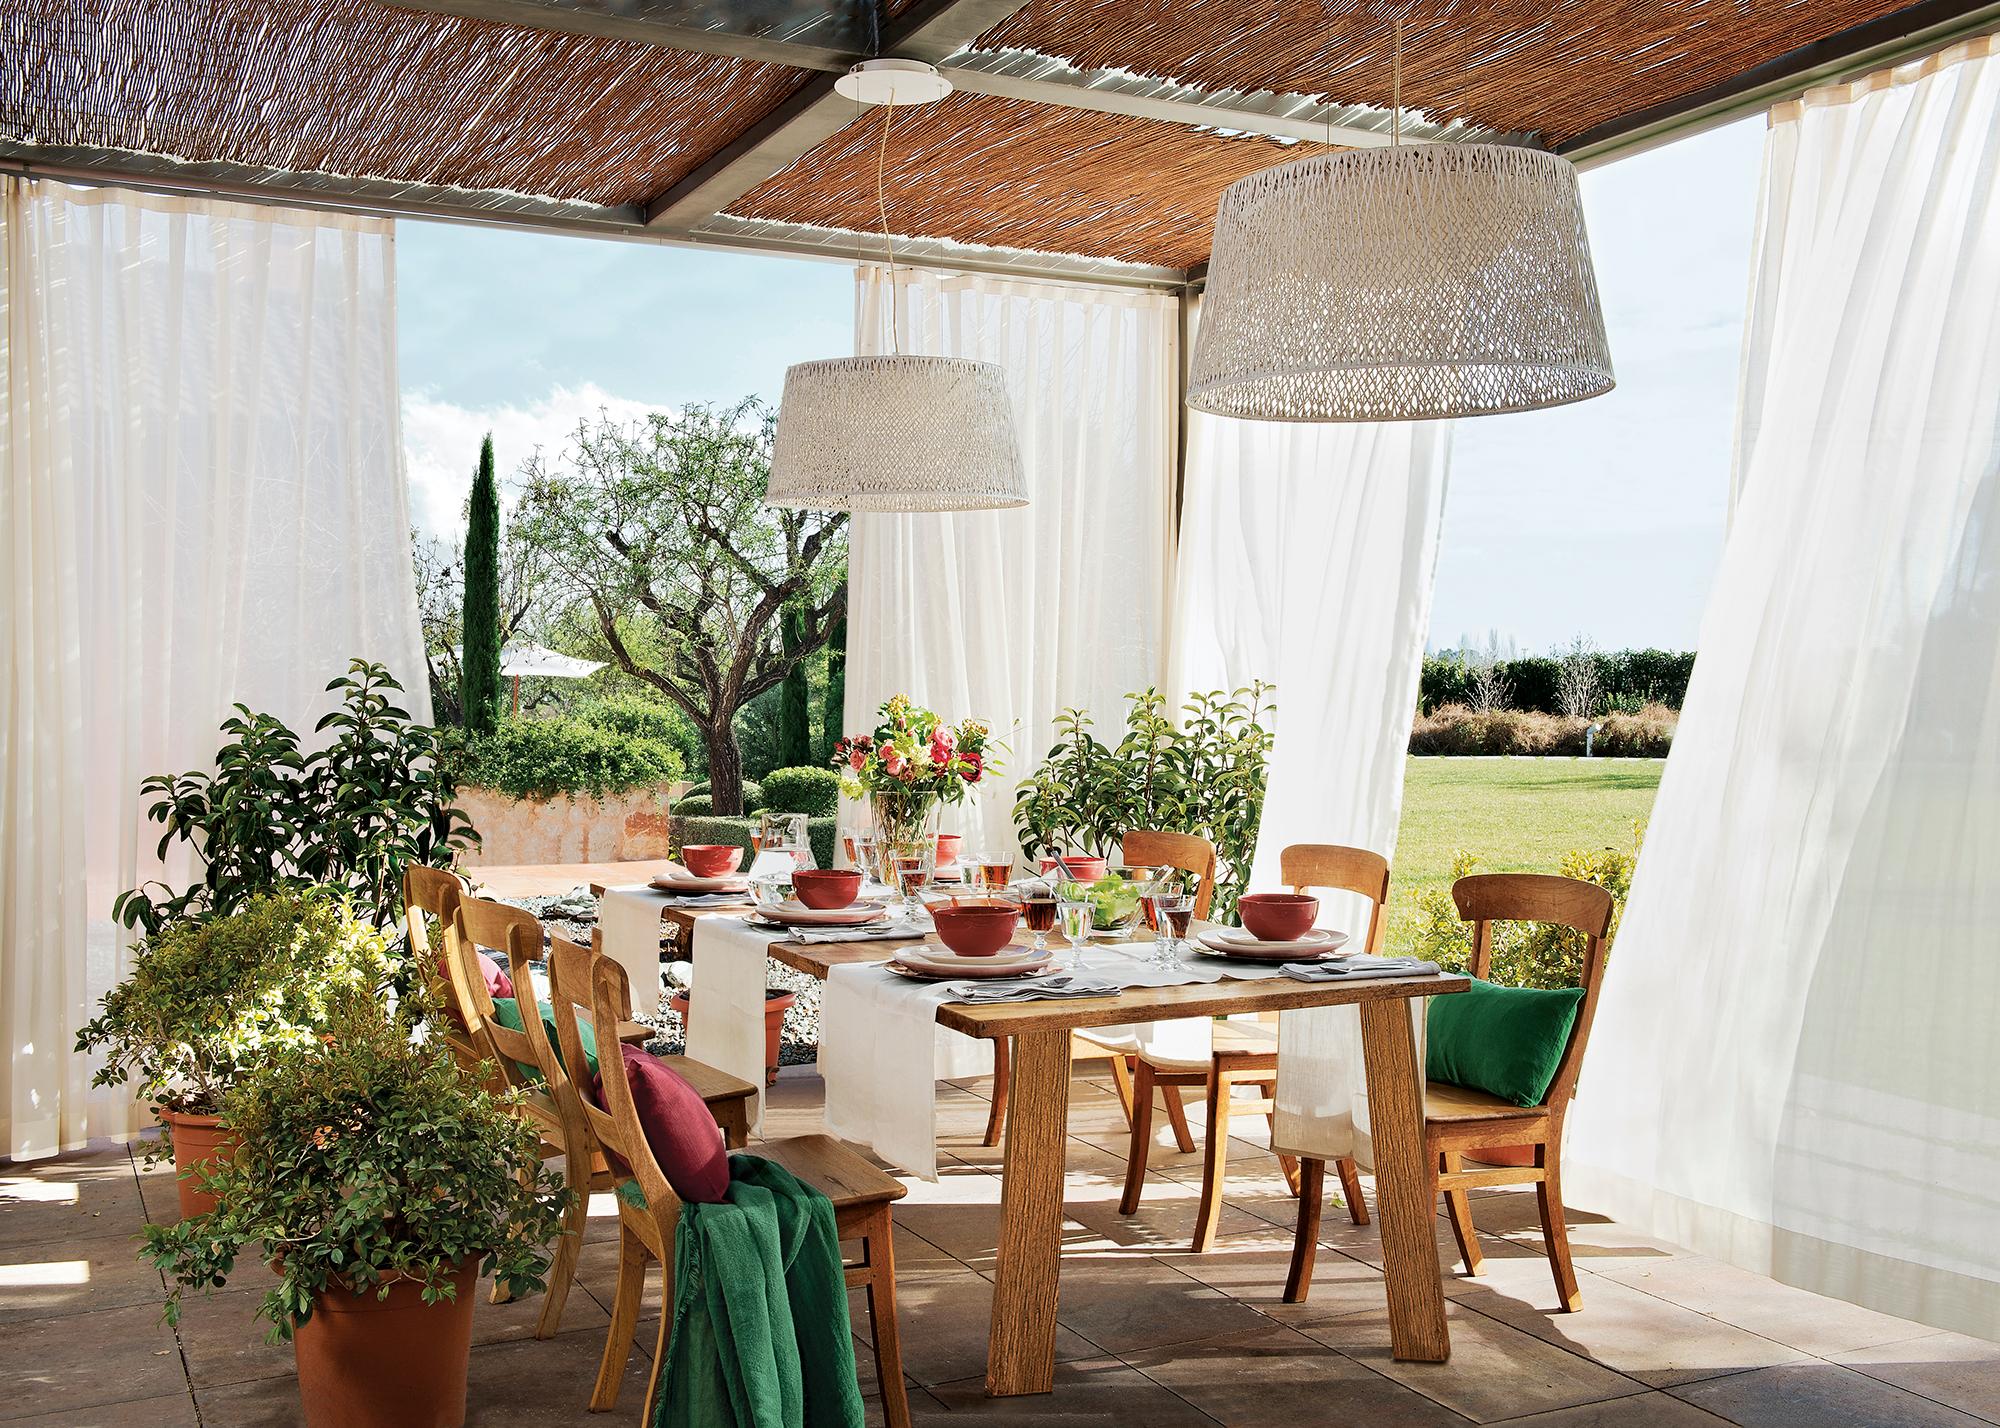 Comedores de exterior: los 50 mejores de El Mueble